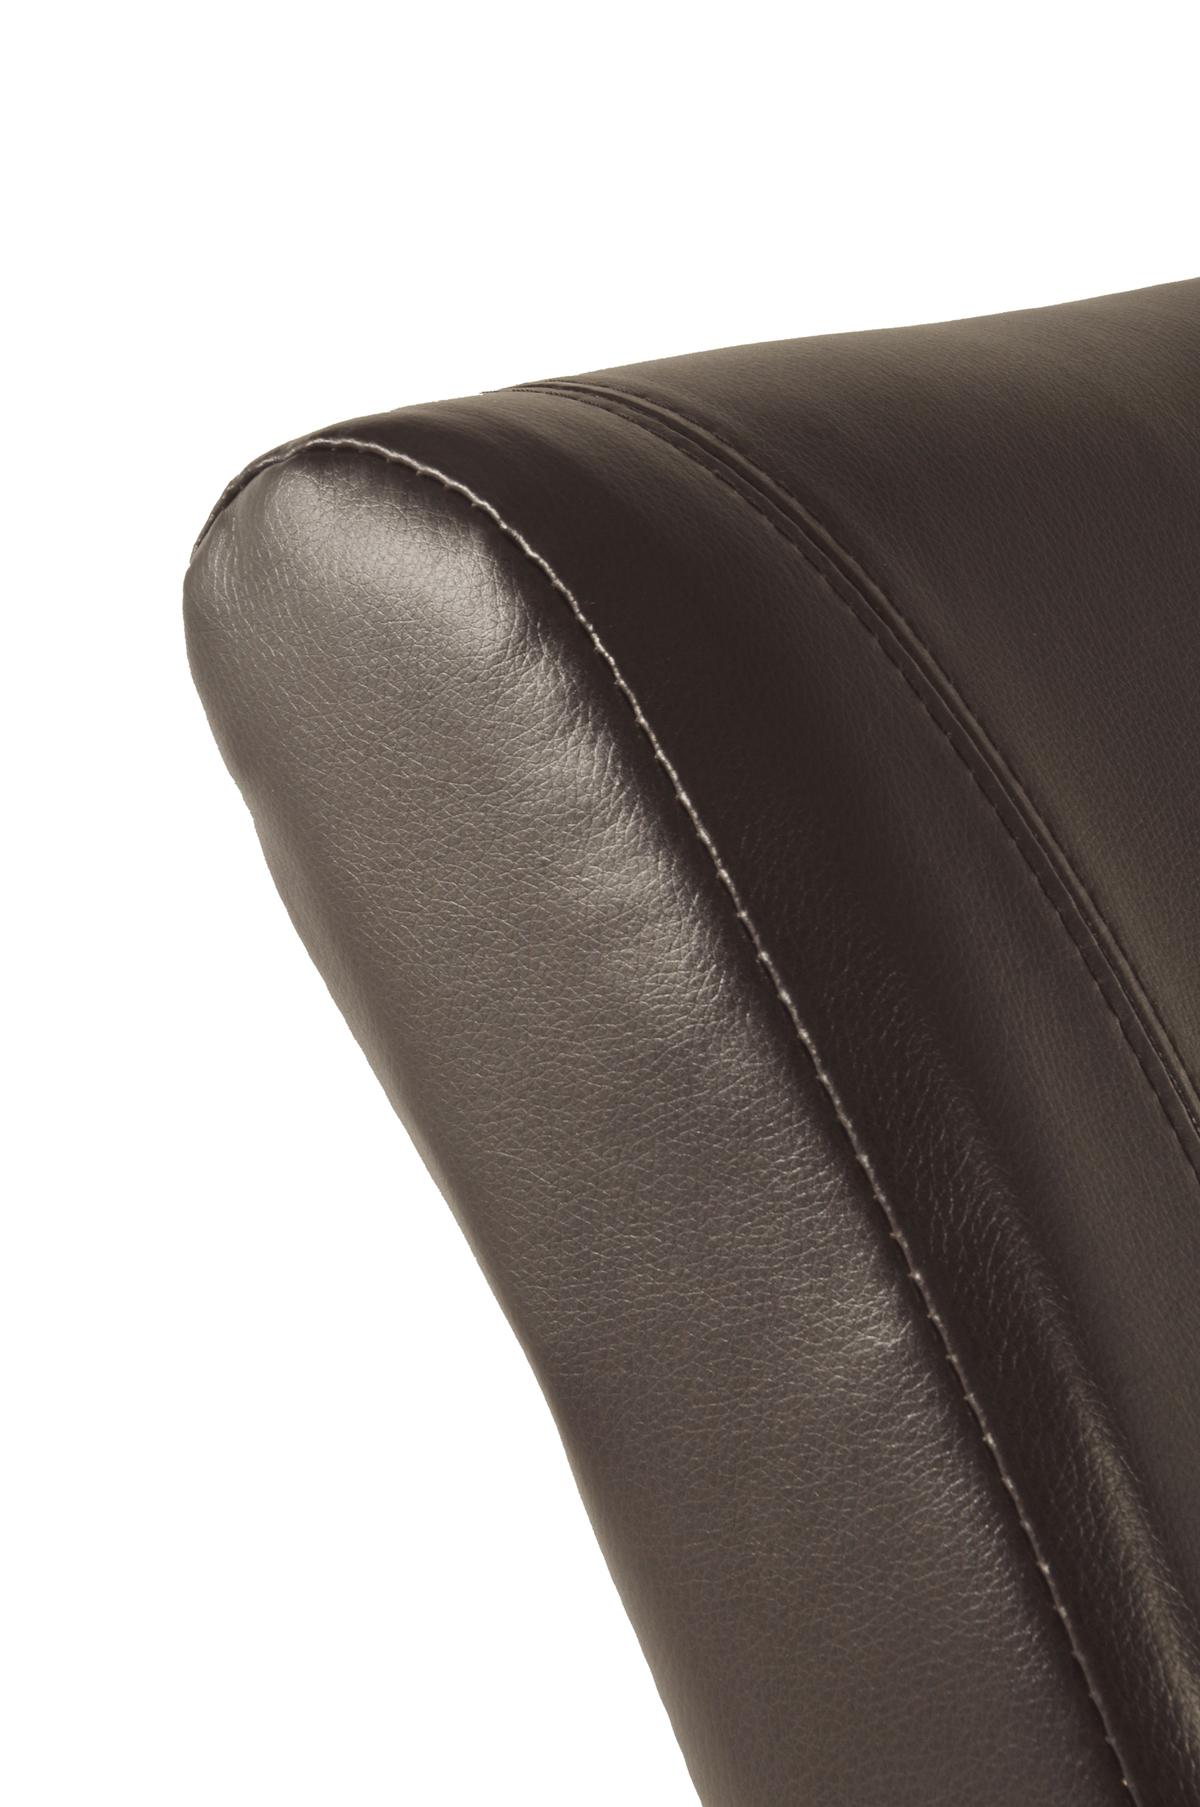 sam polster stuhl recyceltes leder braun kolonial ascoli auf lager. Black Bedroom Furniture Sets. Home Design Ideas